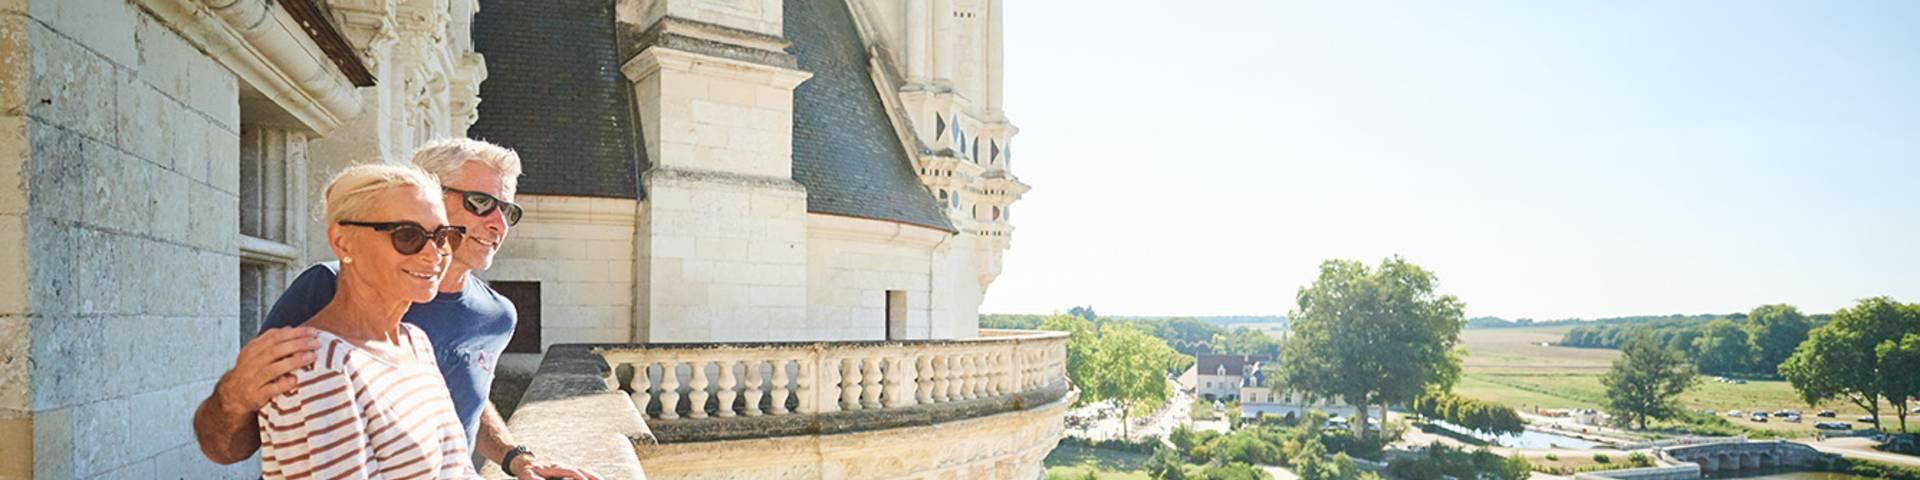 Las terrazas de Chambord_ Crédit Benjamin Brolet